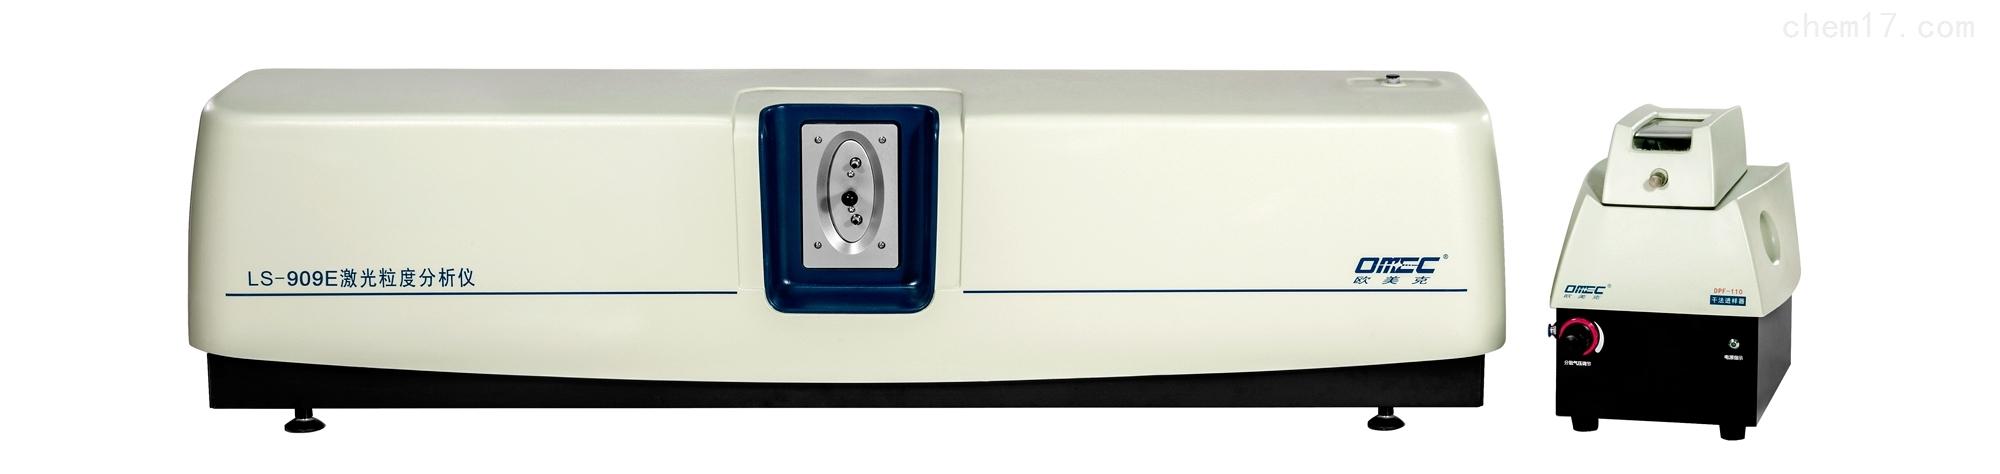 高性能干法激光粒度分析儀